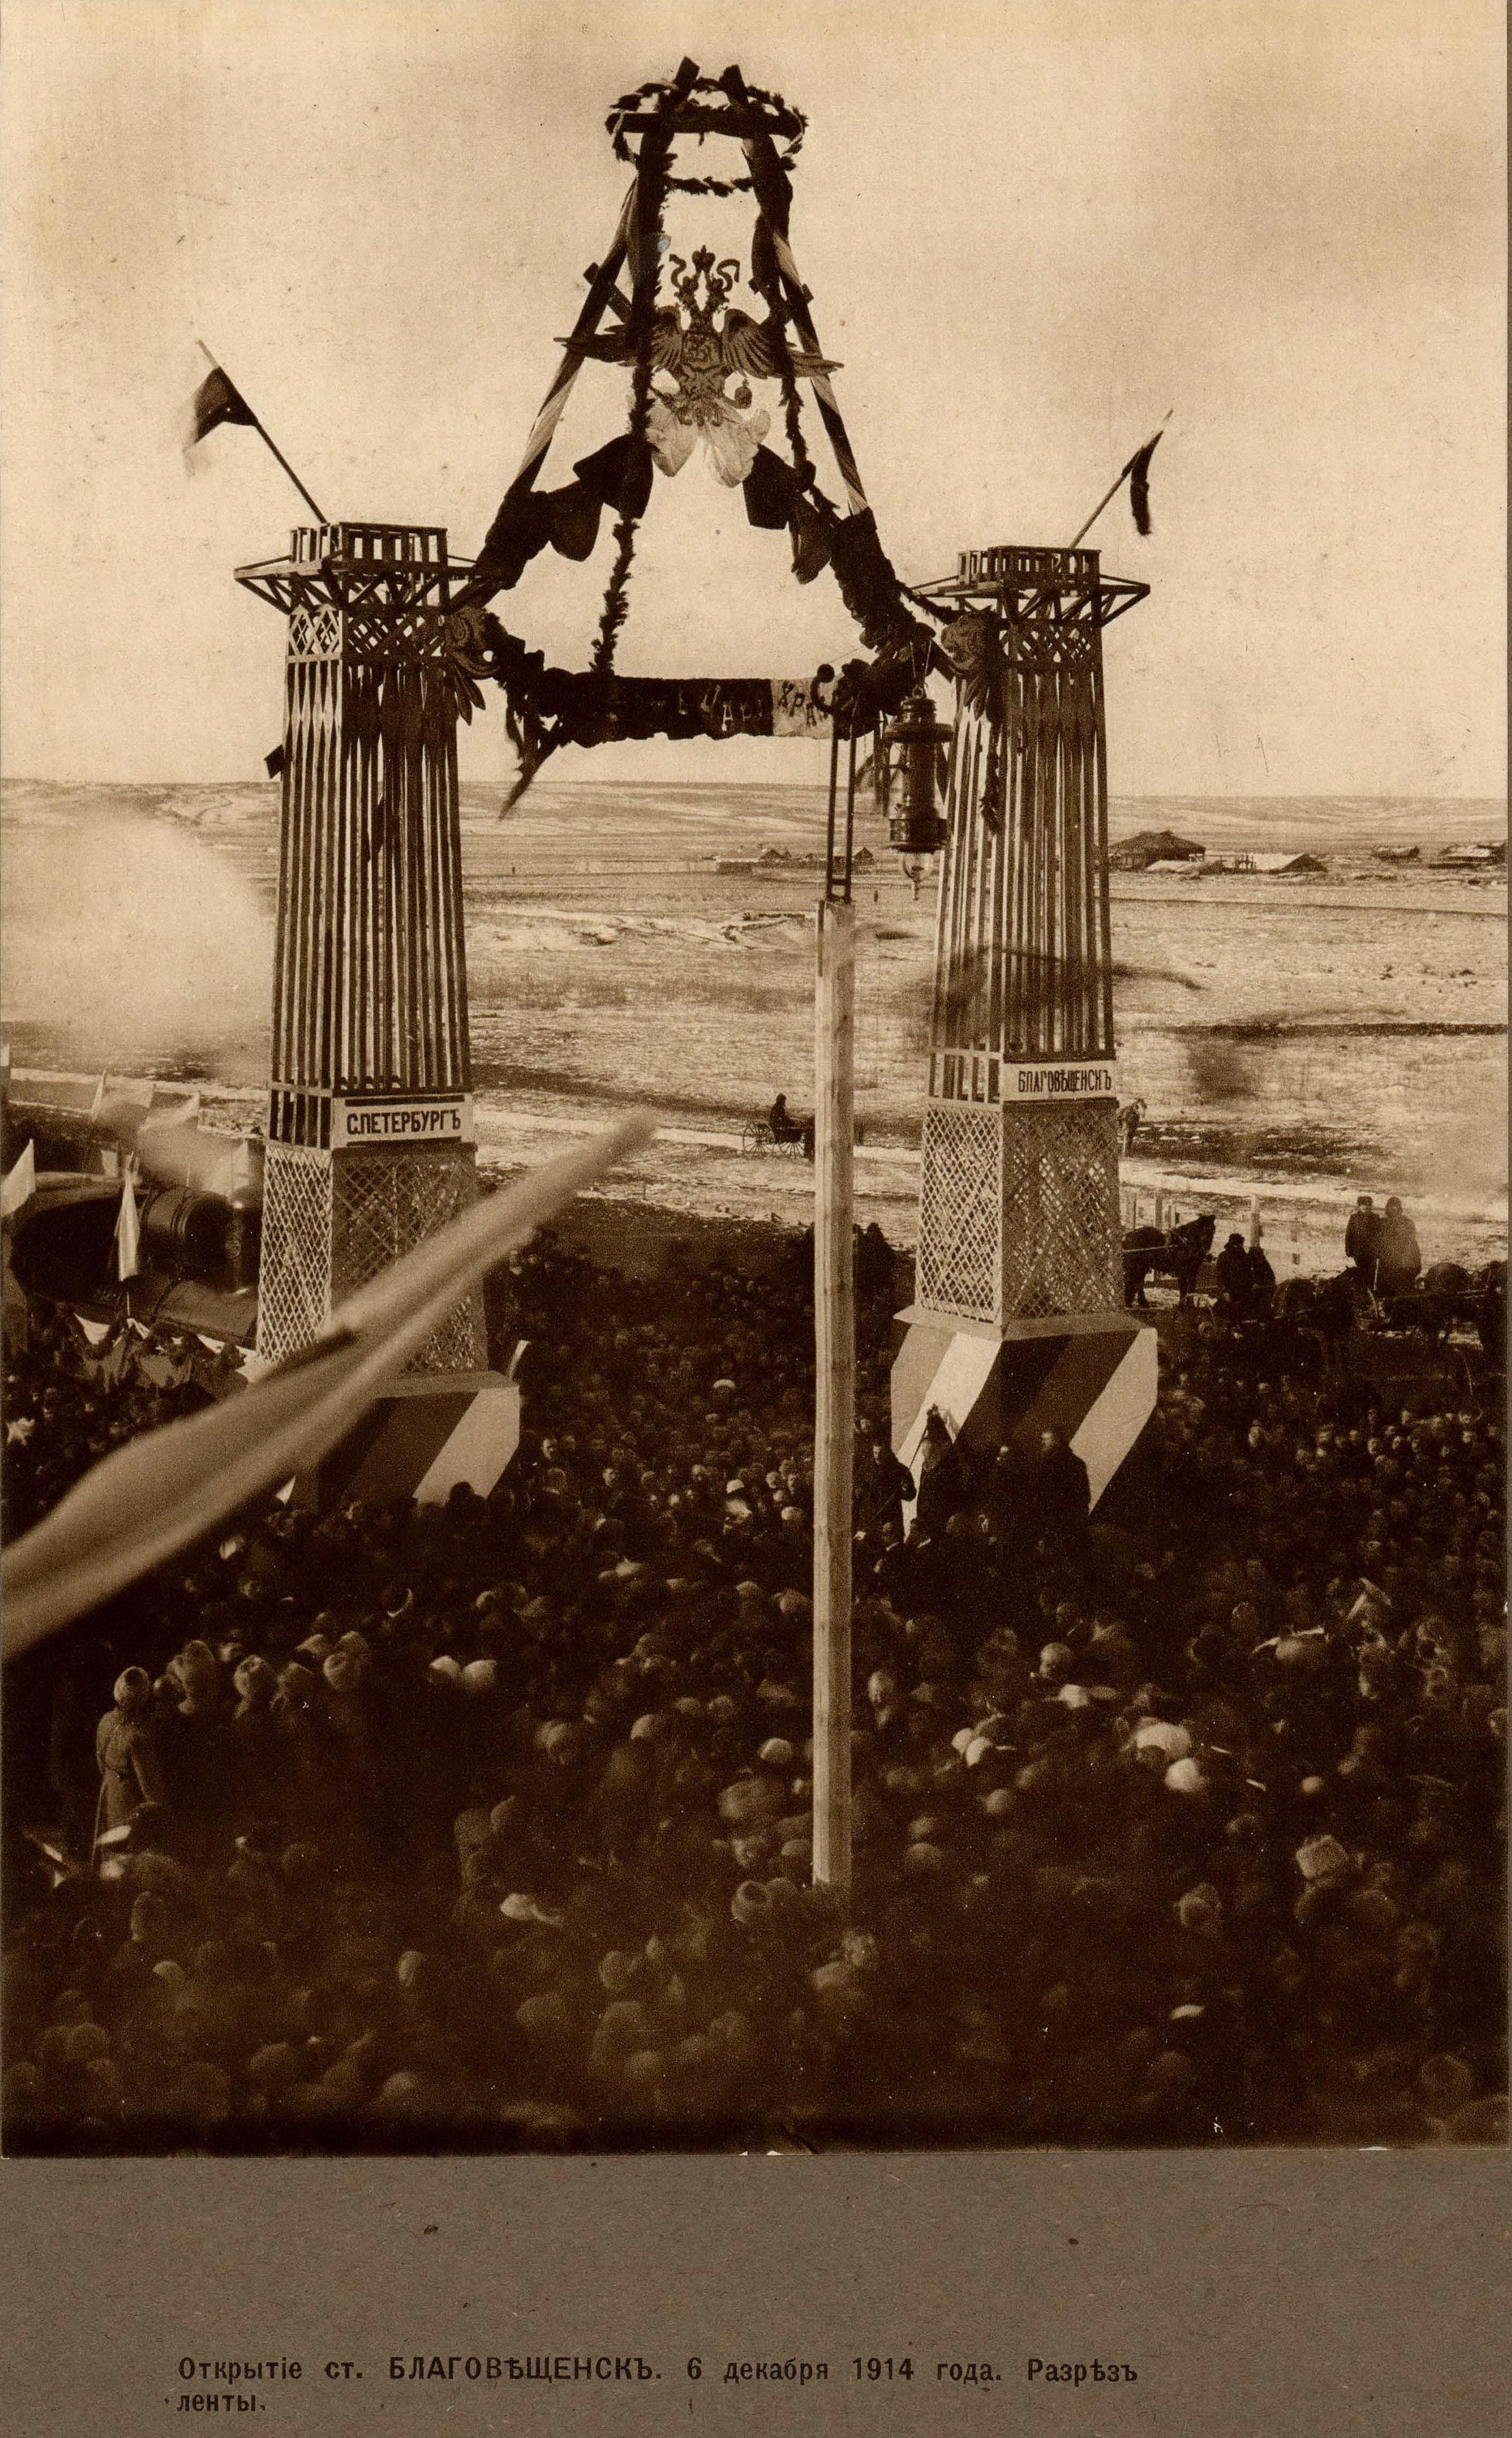 Станция Благовещенск. Открытие станции 4 декабря 1914. Разрез ленты